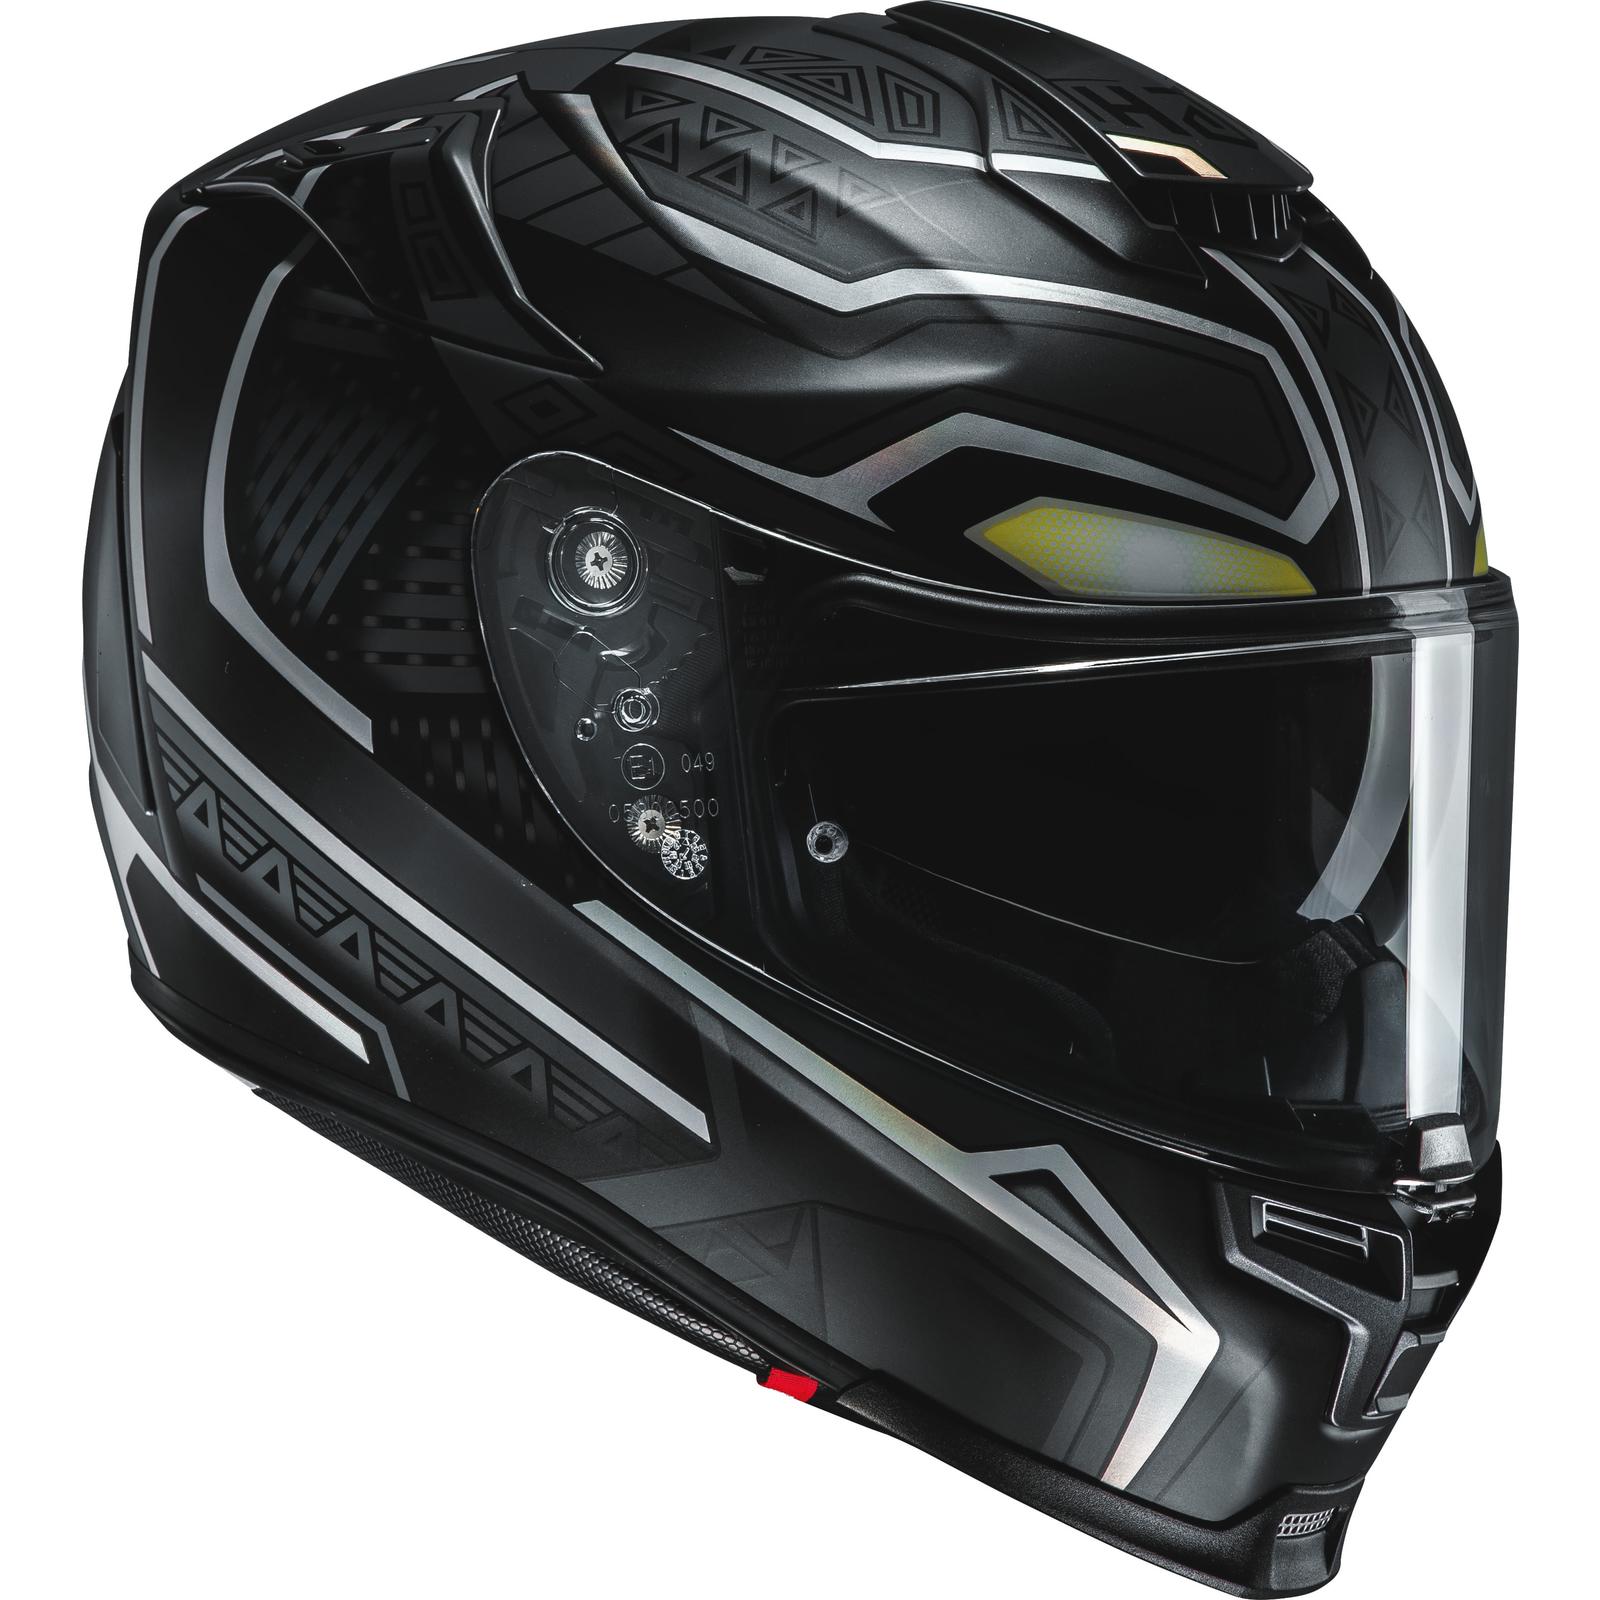 hjc rpha 70 black panther motorcycle helmet visor dark. Black Bedroom Furniture Sets. Home Design Ideas